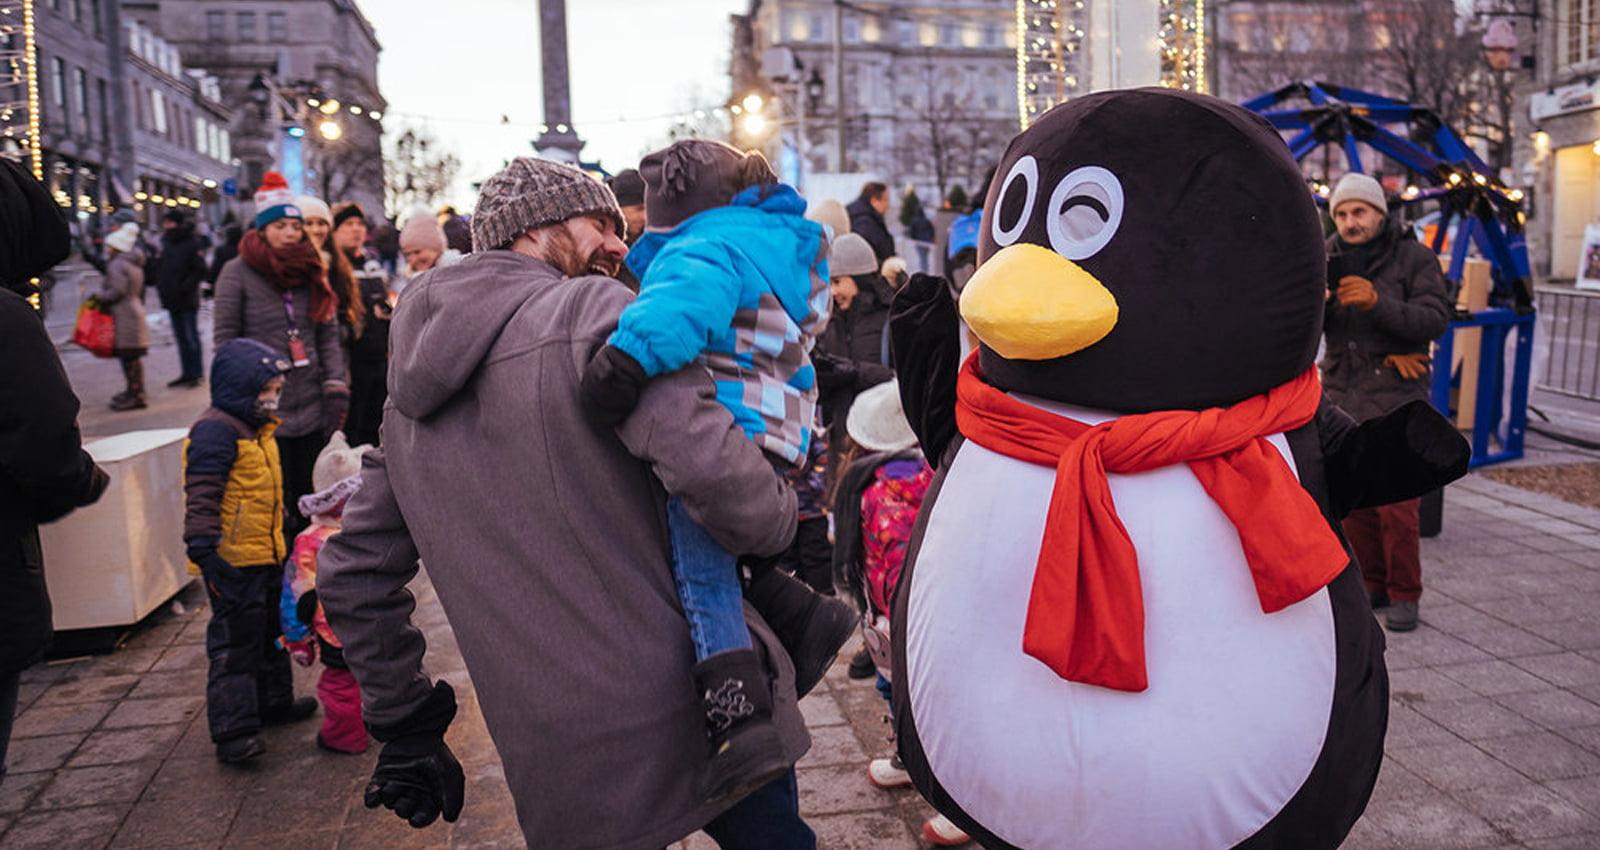 Montréal en Fêtes - Merry Montréal | Families enjoy winter fun at the Nordic Square in Old Montréal.